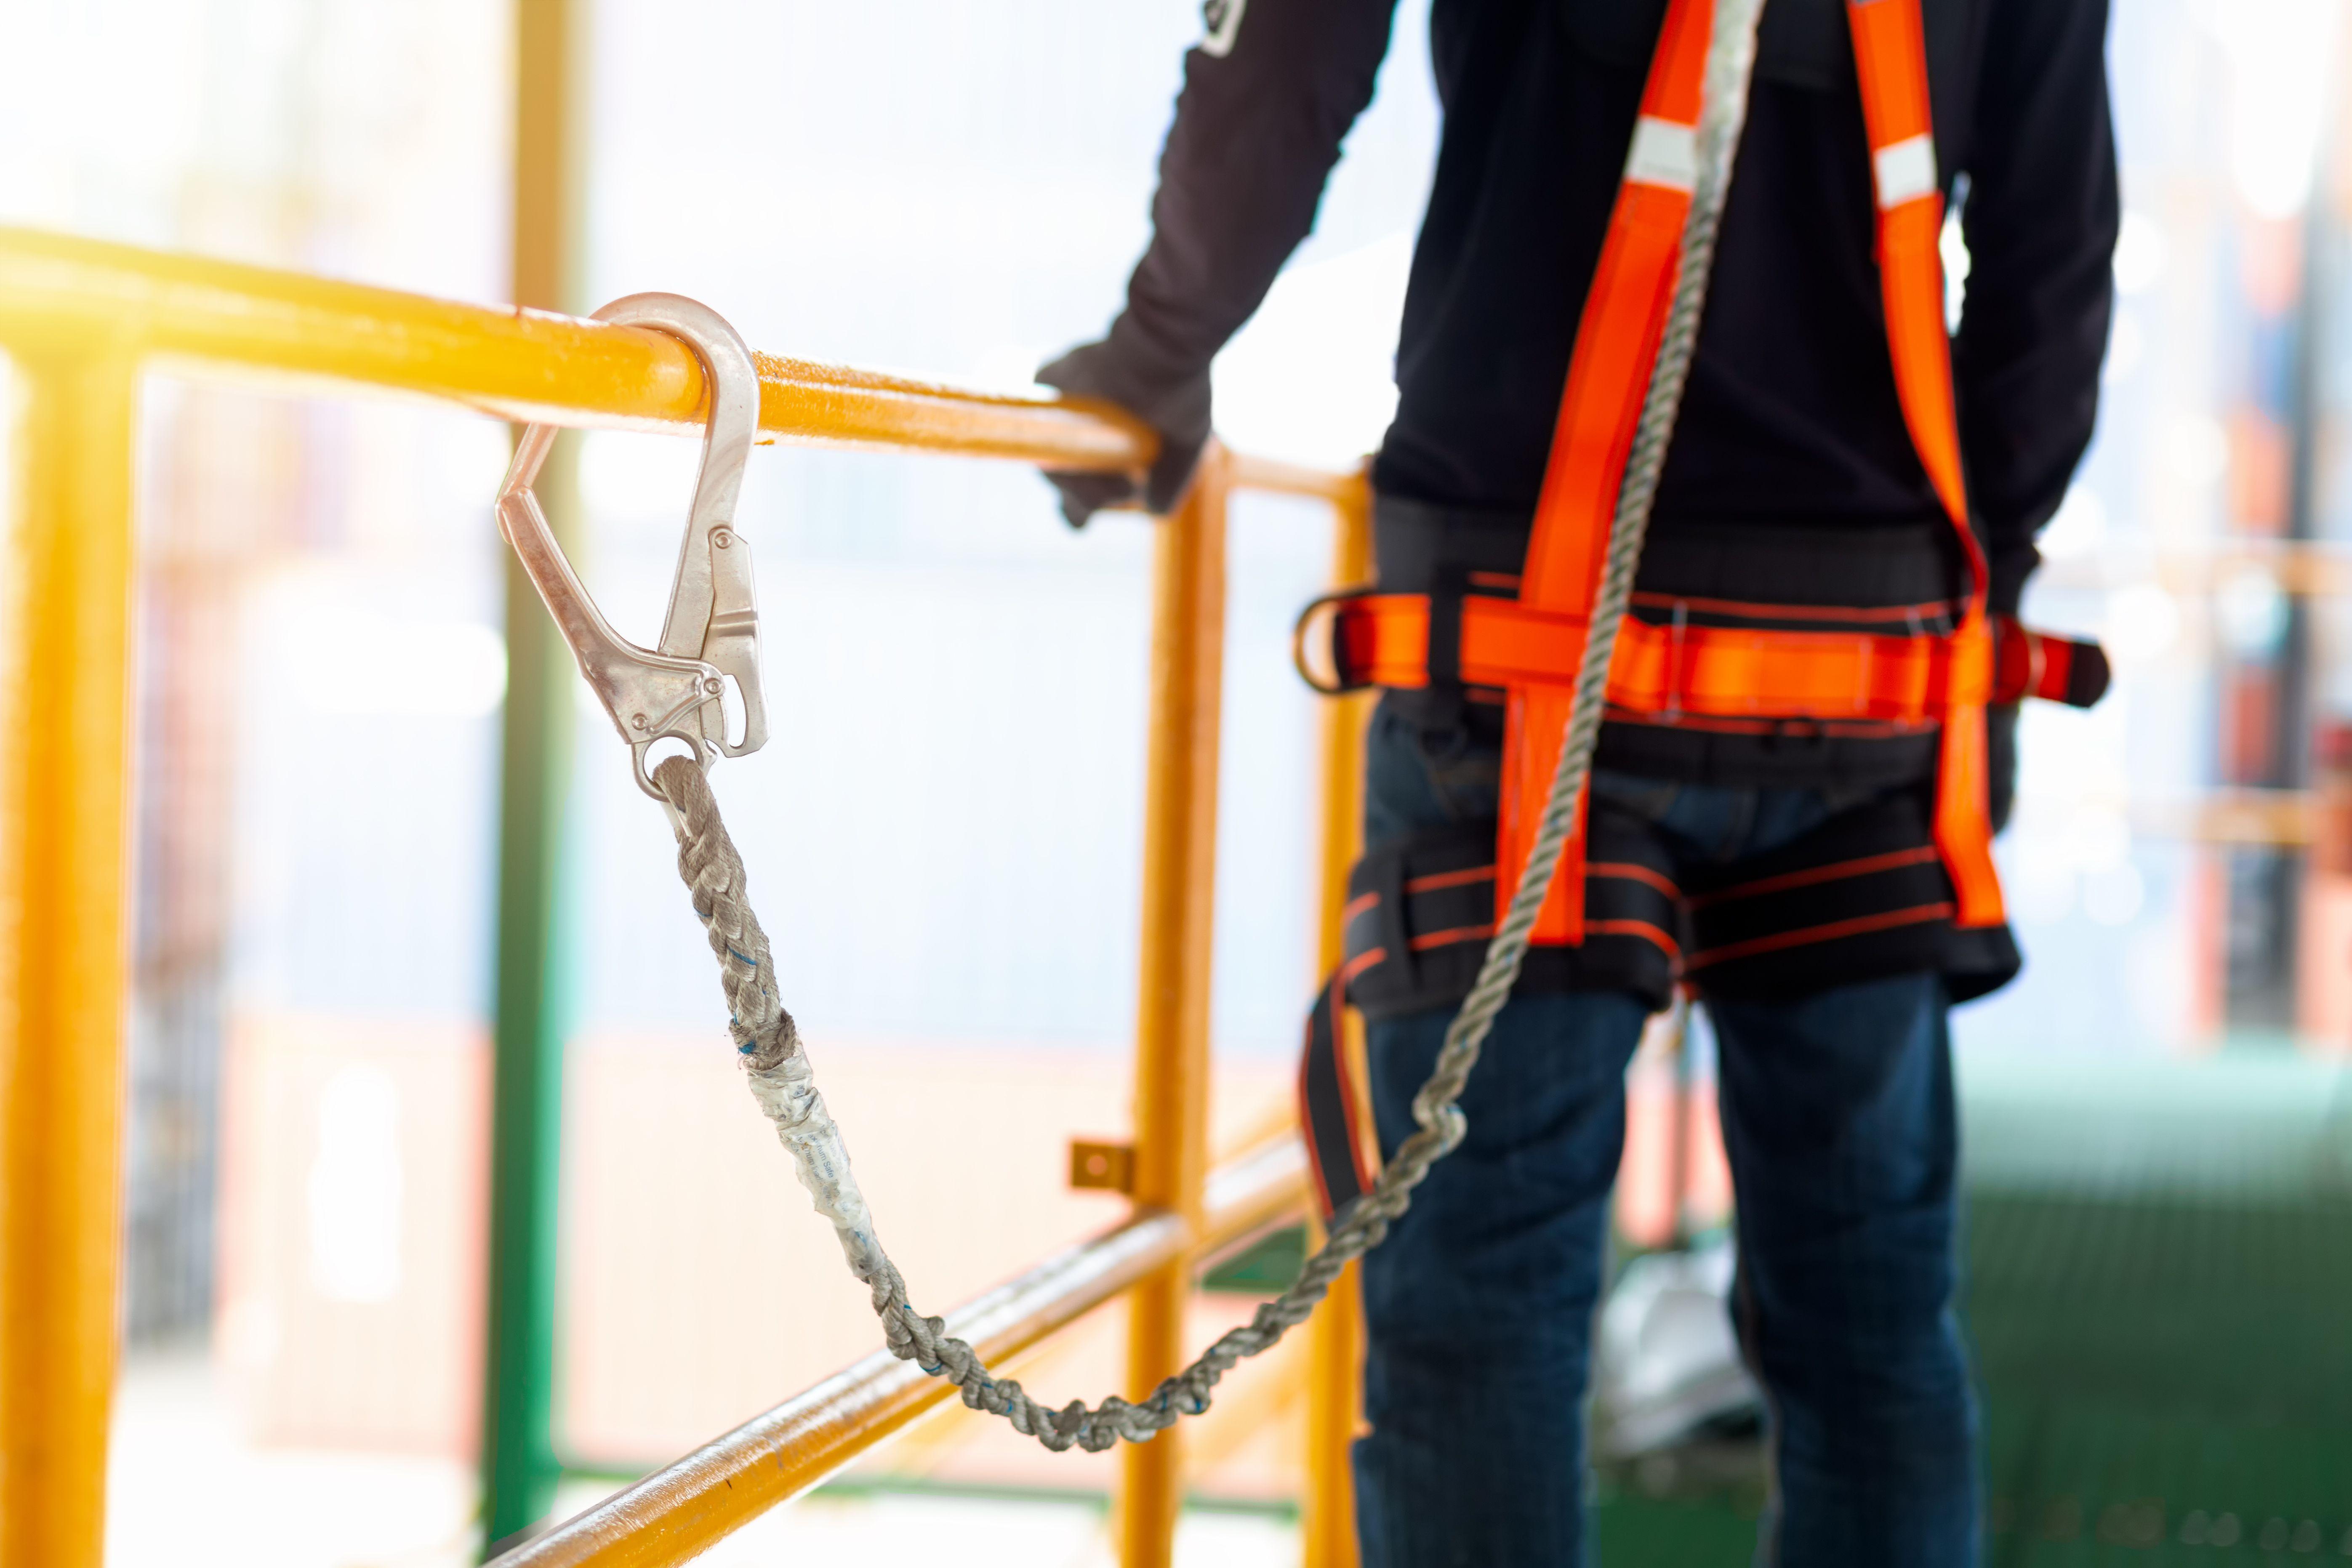 Comment travailler sur un toit en sécurité :  loi, échafaudages, équipements anti-chute